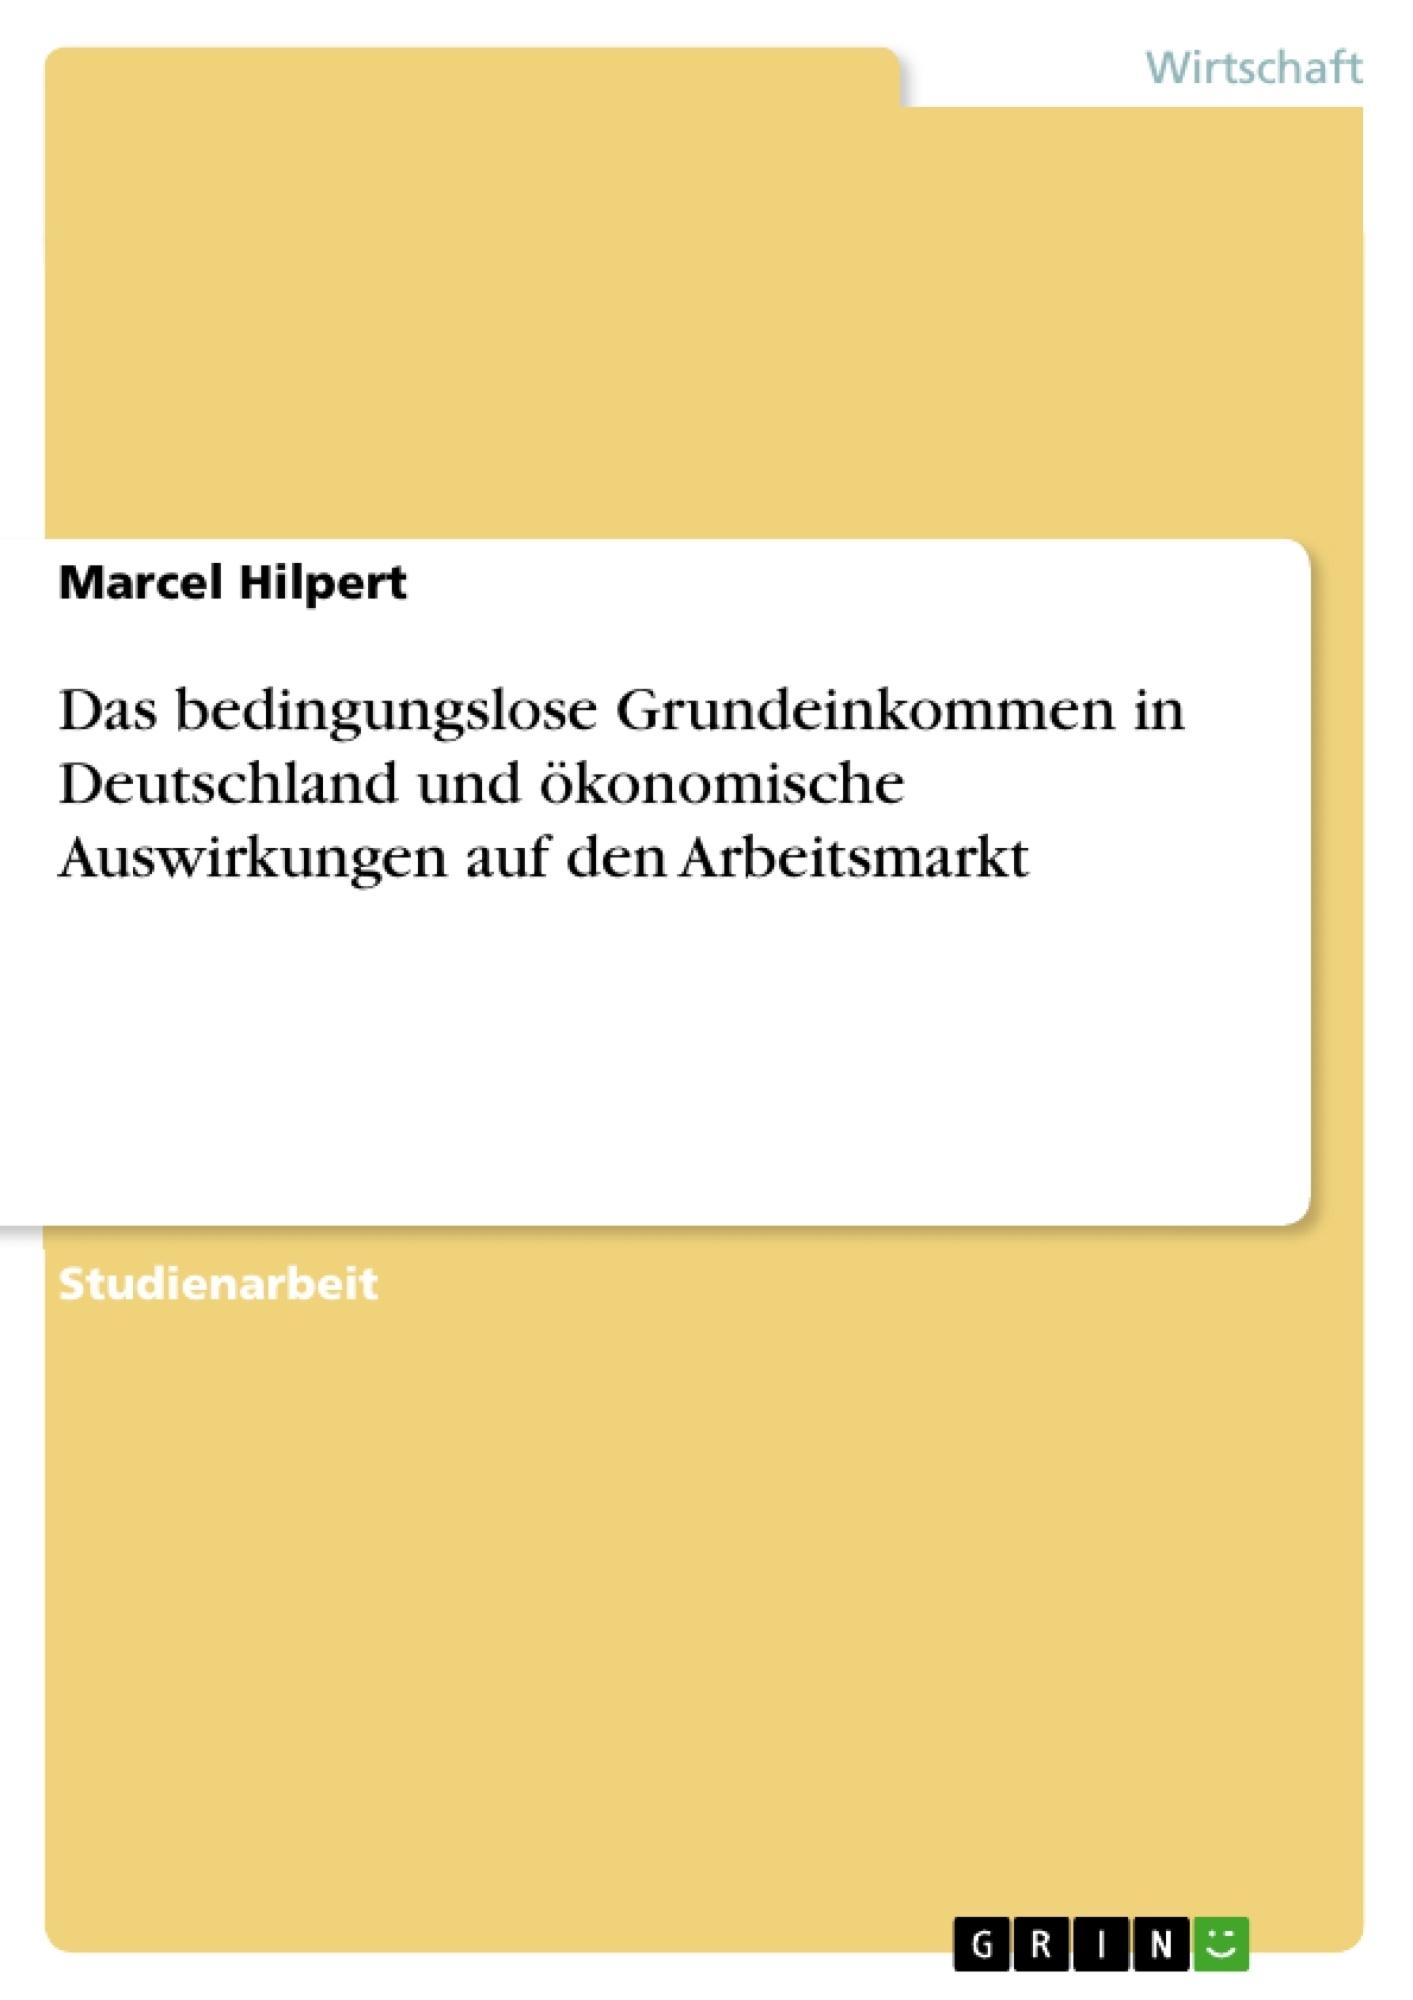 Titel: Das bedingungslose Grundeinkommen in Deutschland und ökonomische Auswirkungen auf den Arbeitsmarkt